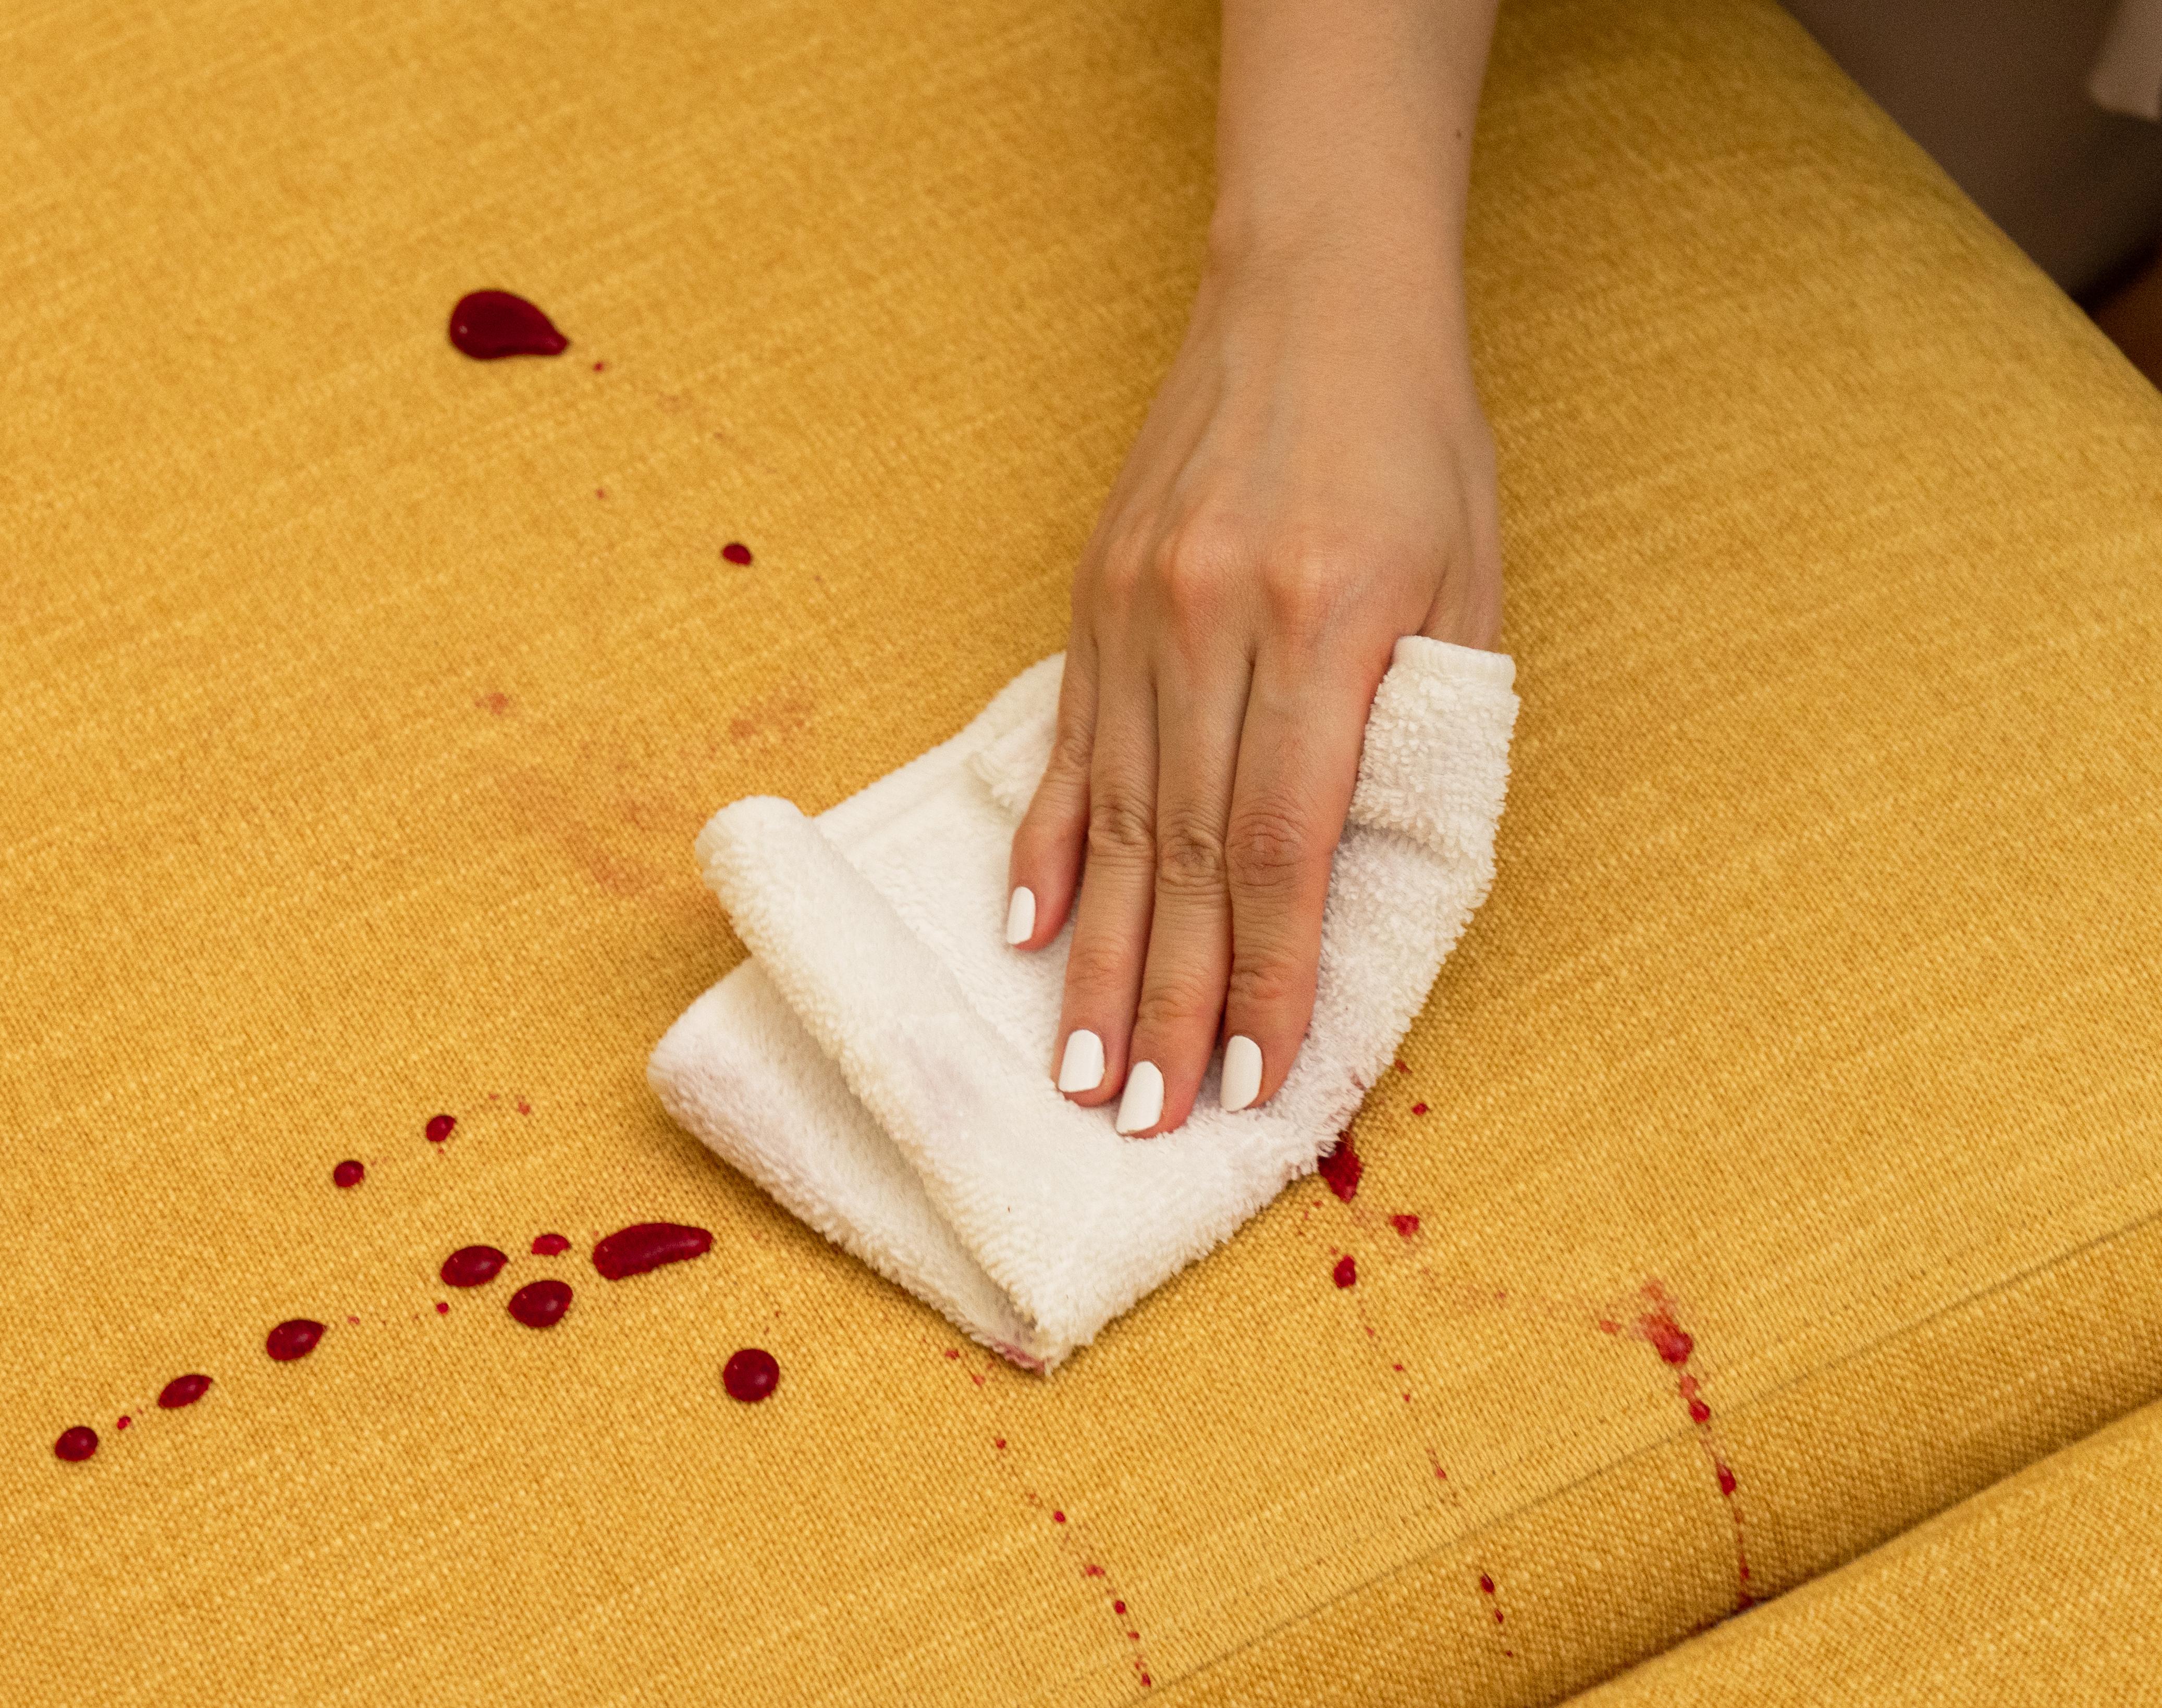 飲み物をこぼしてしまっても簡単に」拭き取ることができるイージークリーンブレンド生地はダイニングソファに大活躍間違いなし!